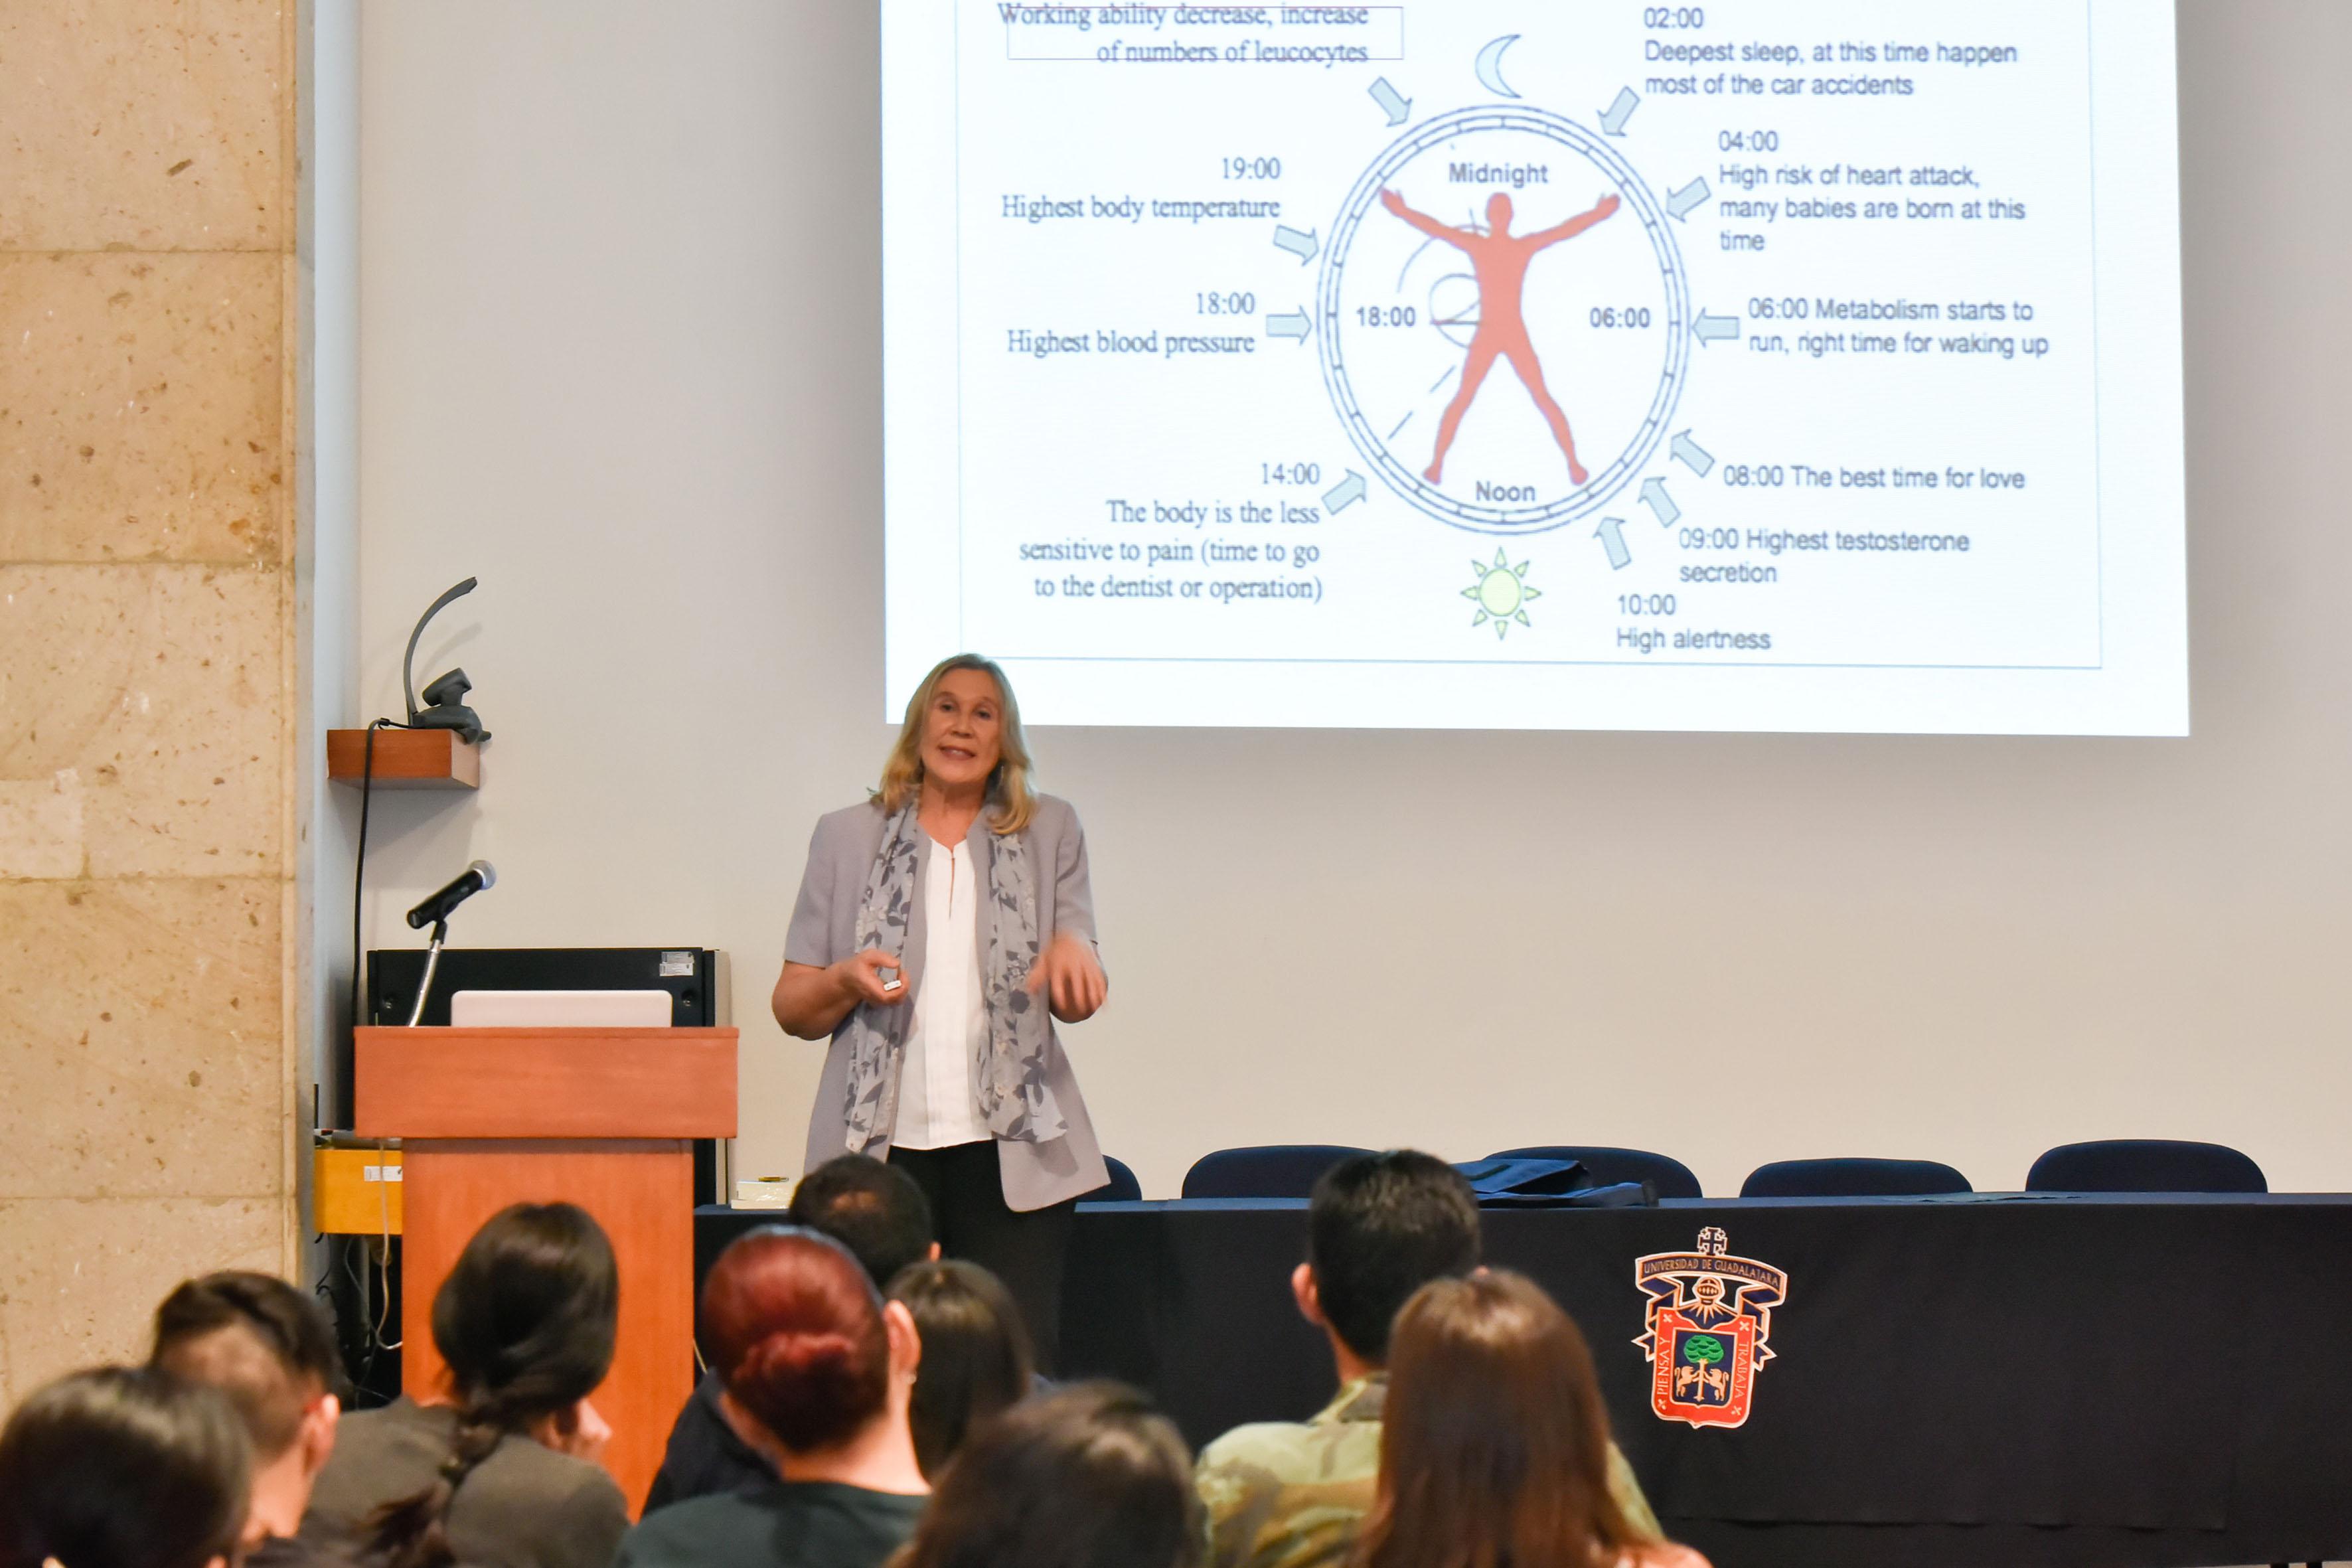 La doctora Galina Zaitseva, jefa del Laboratorio de Inmunología del Departamento de Biología Celular y Molecular del Centro Universitario de Ciencias Biológicas y Agropecuarias, impartiendo su conferencia de neuroinmunomodulación.